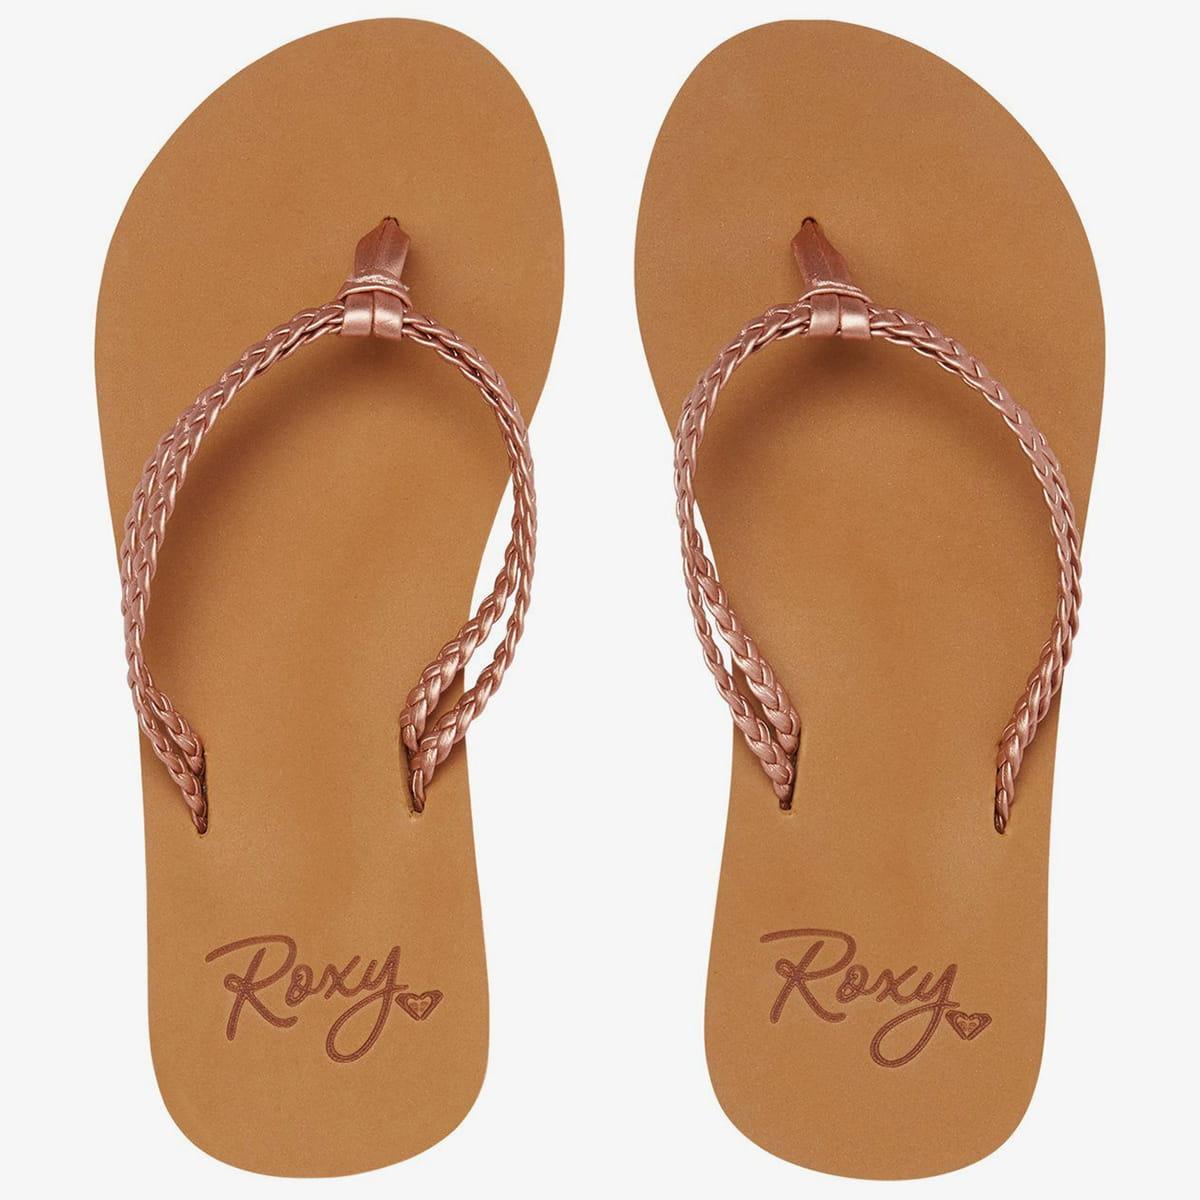 Дет./Обувь/Шлепанцы/Вьетнамки Вьетнамки детские Roxy Costas Sndl Rose Gold